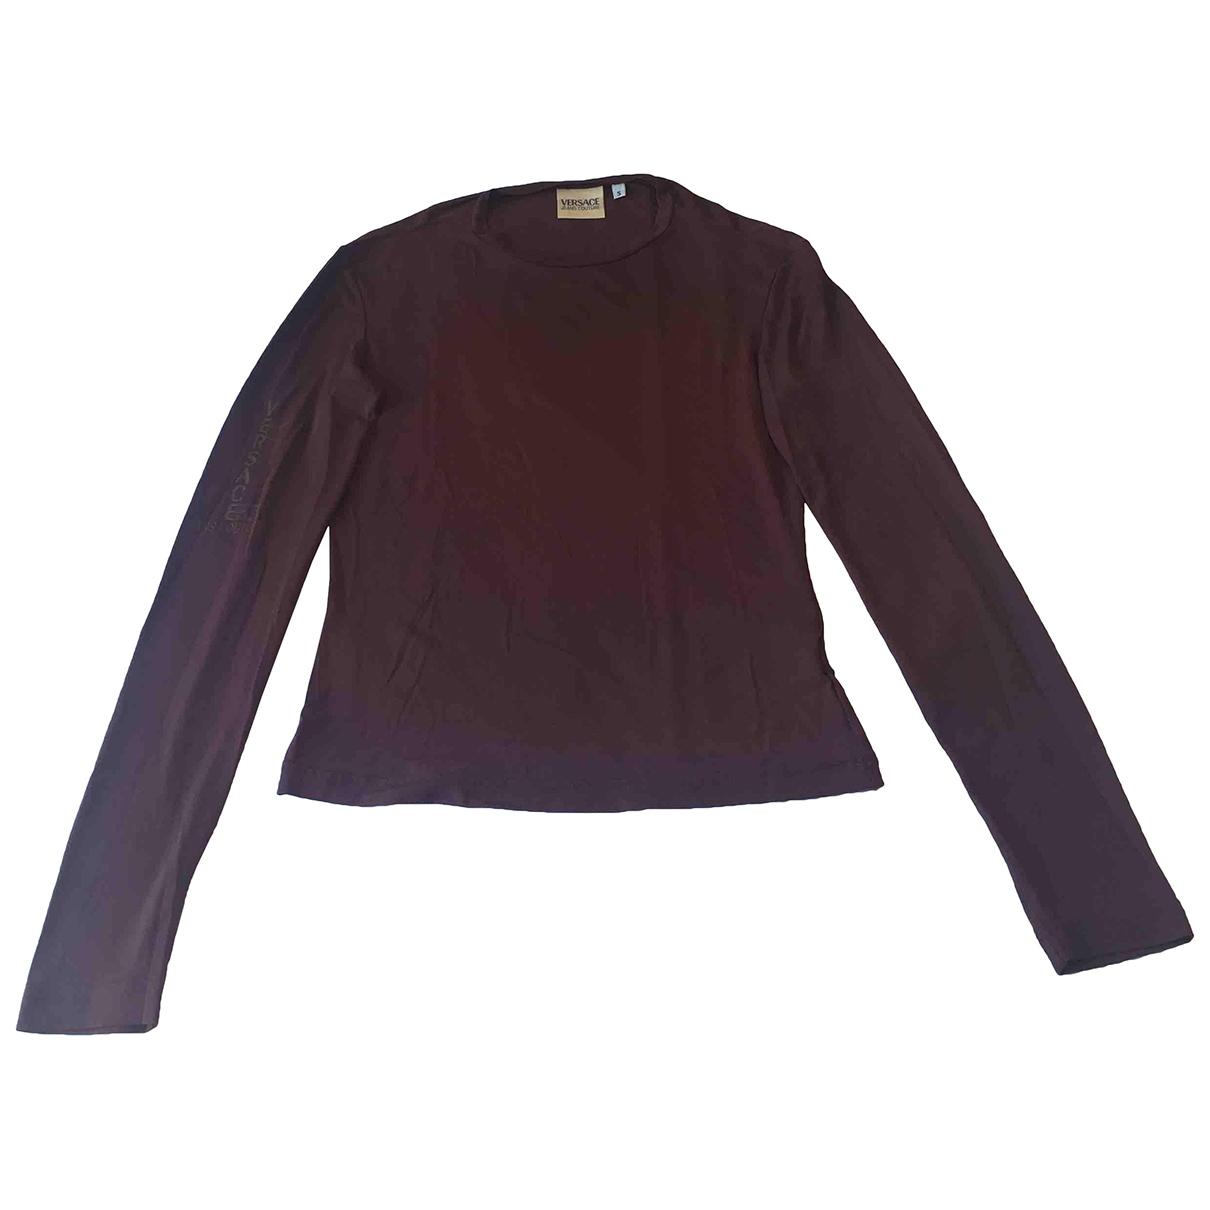 Versace Jean - Top   pour femme - marron